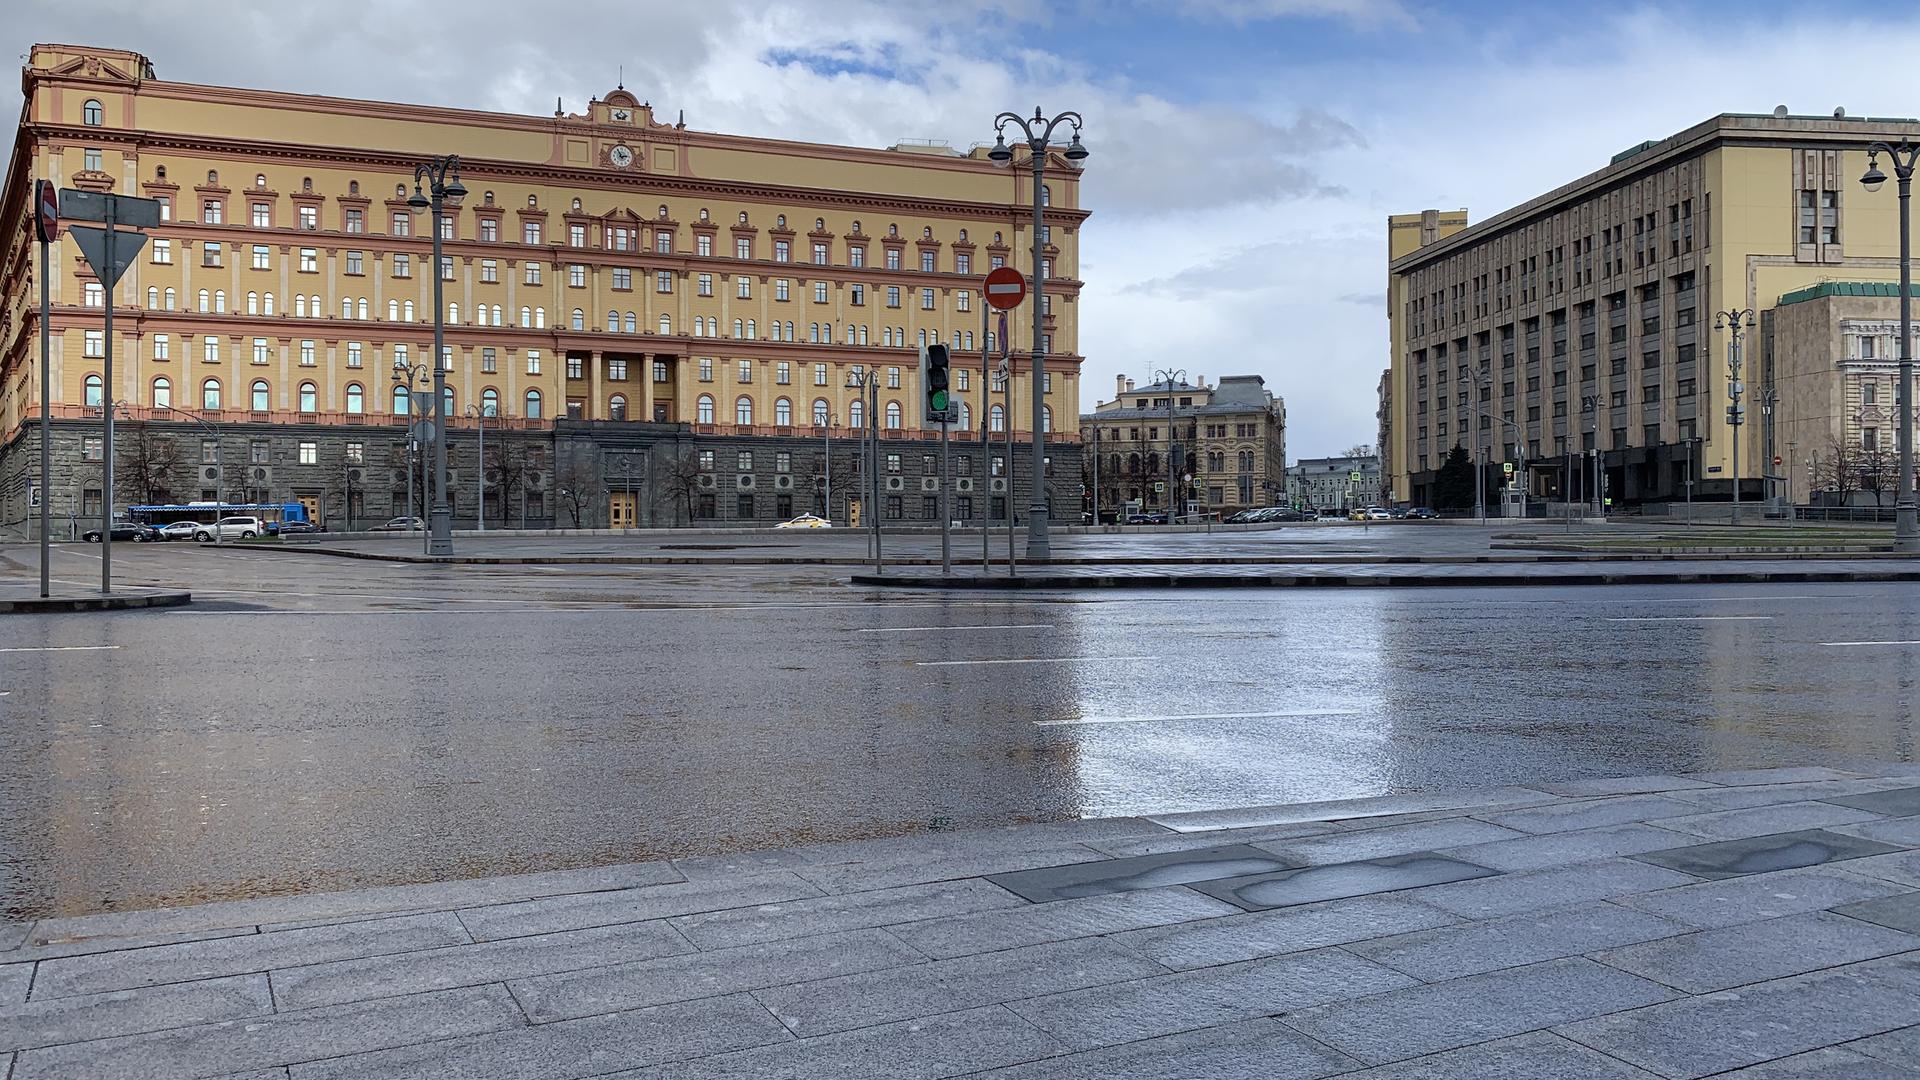 Лубянская площадь и здание органов госбезопасности в Москве - РИА Новости, 1920, 25.02.2021